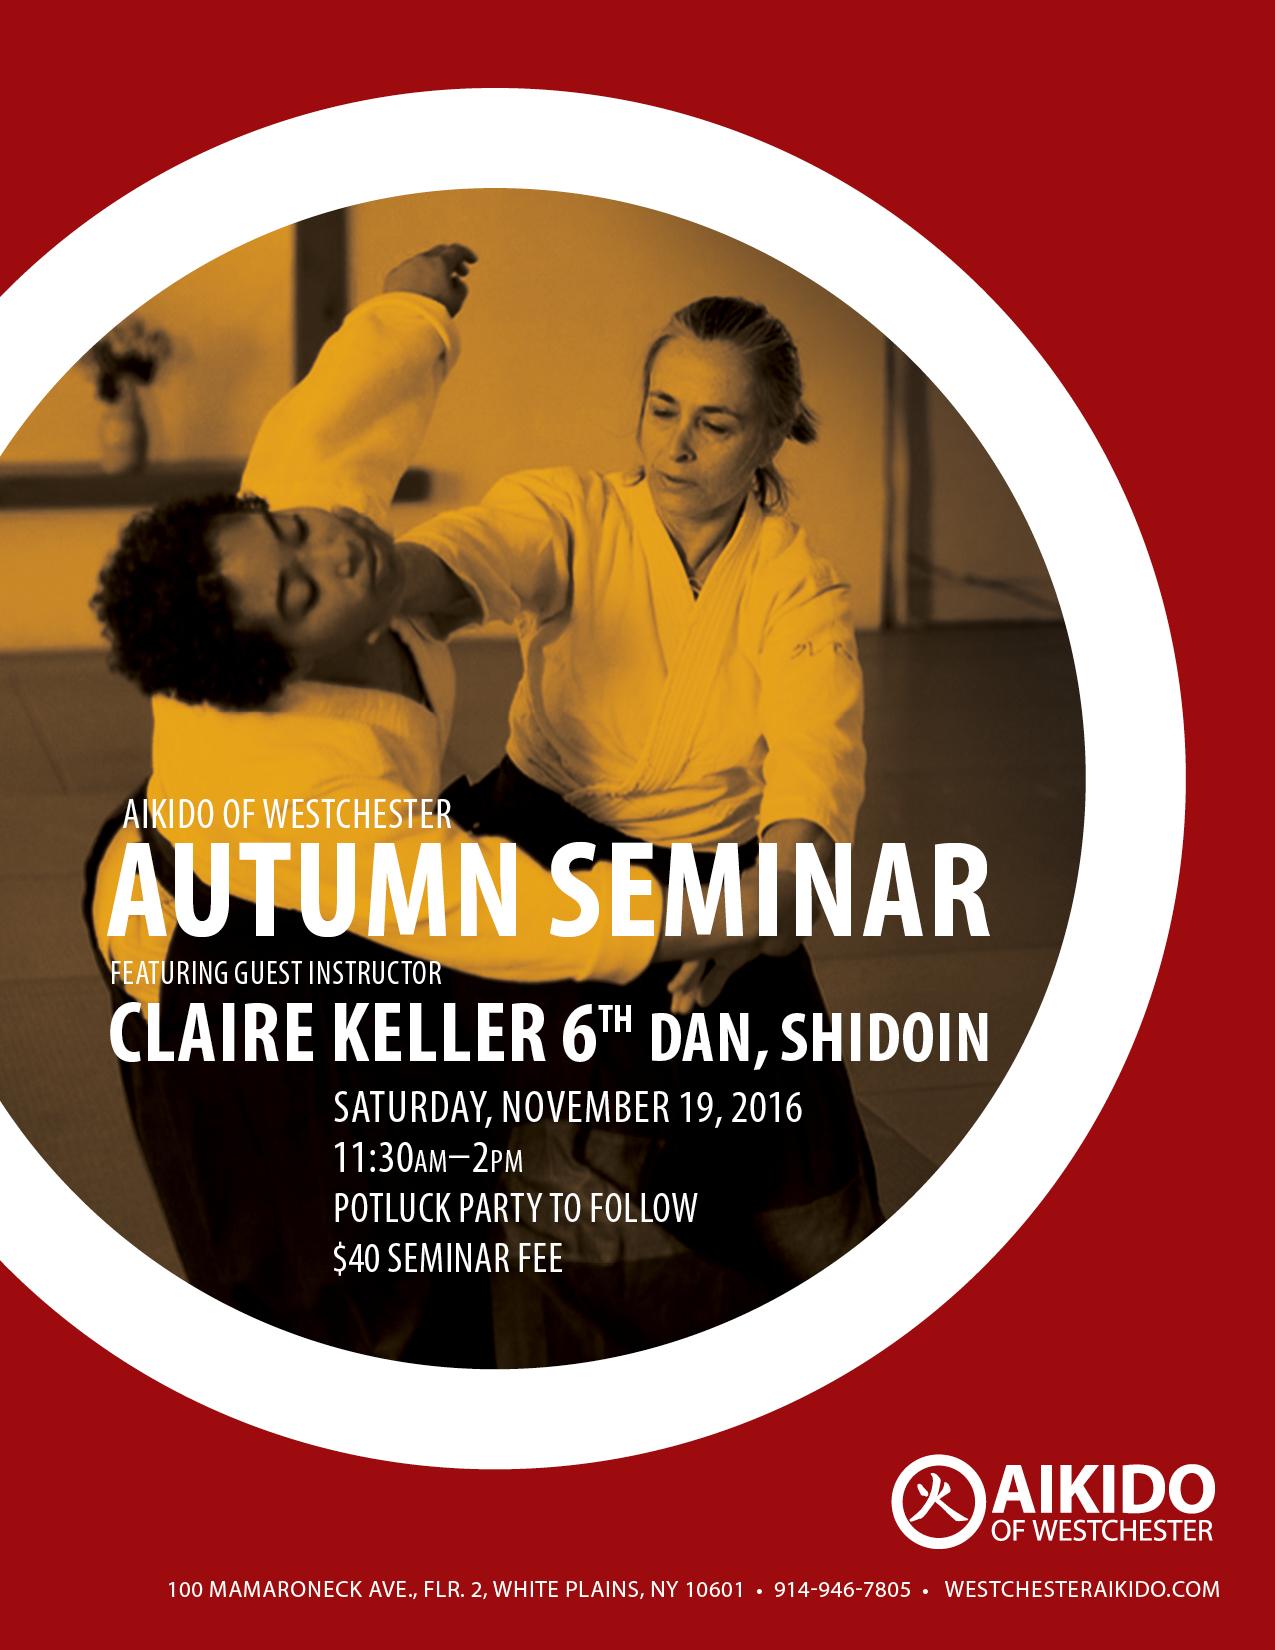 FallSeminar-Claire-11-19-2016.jpg